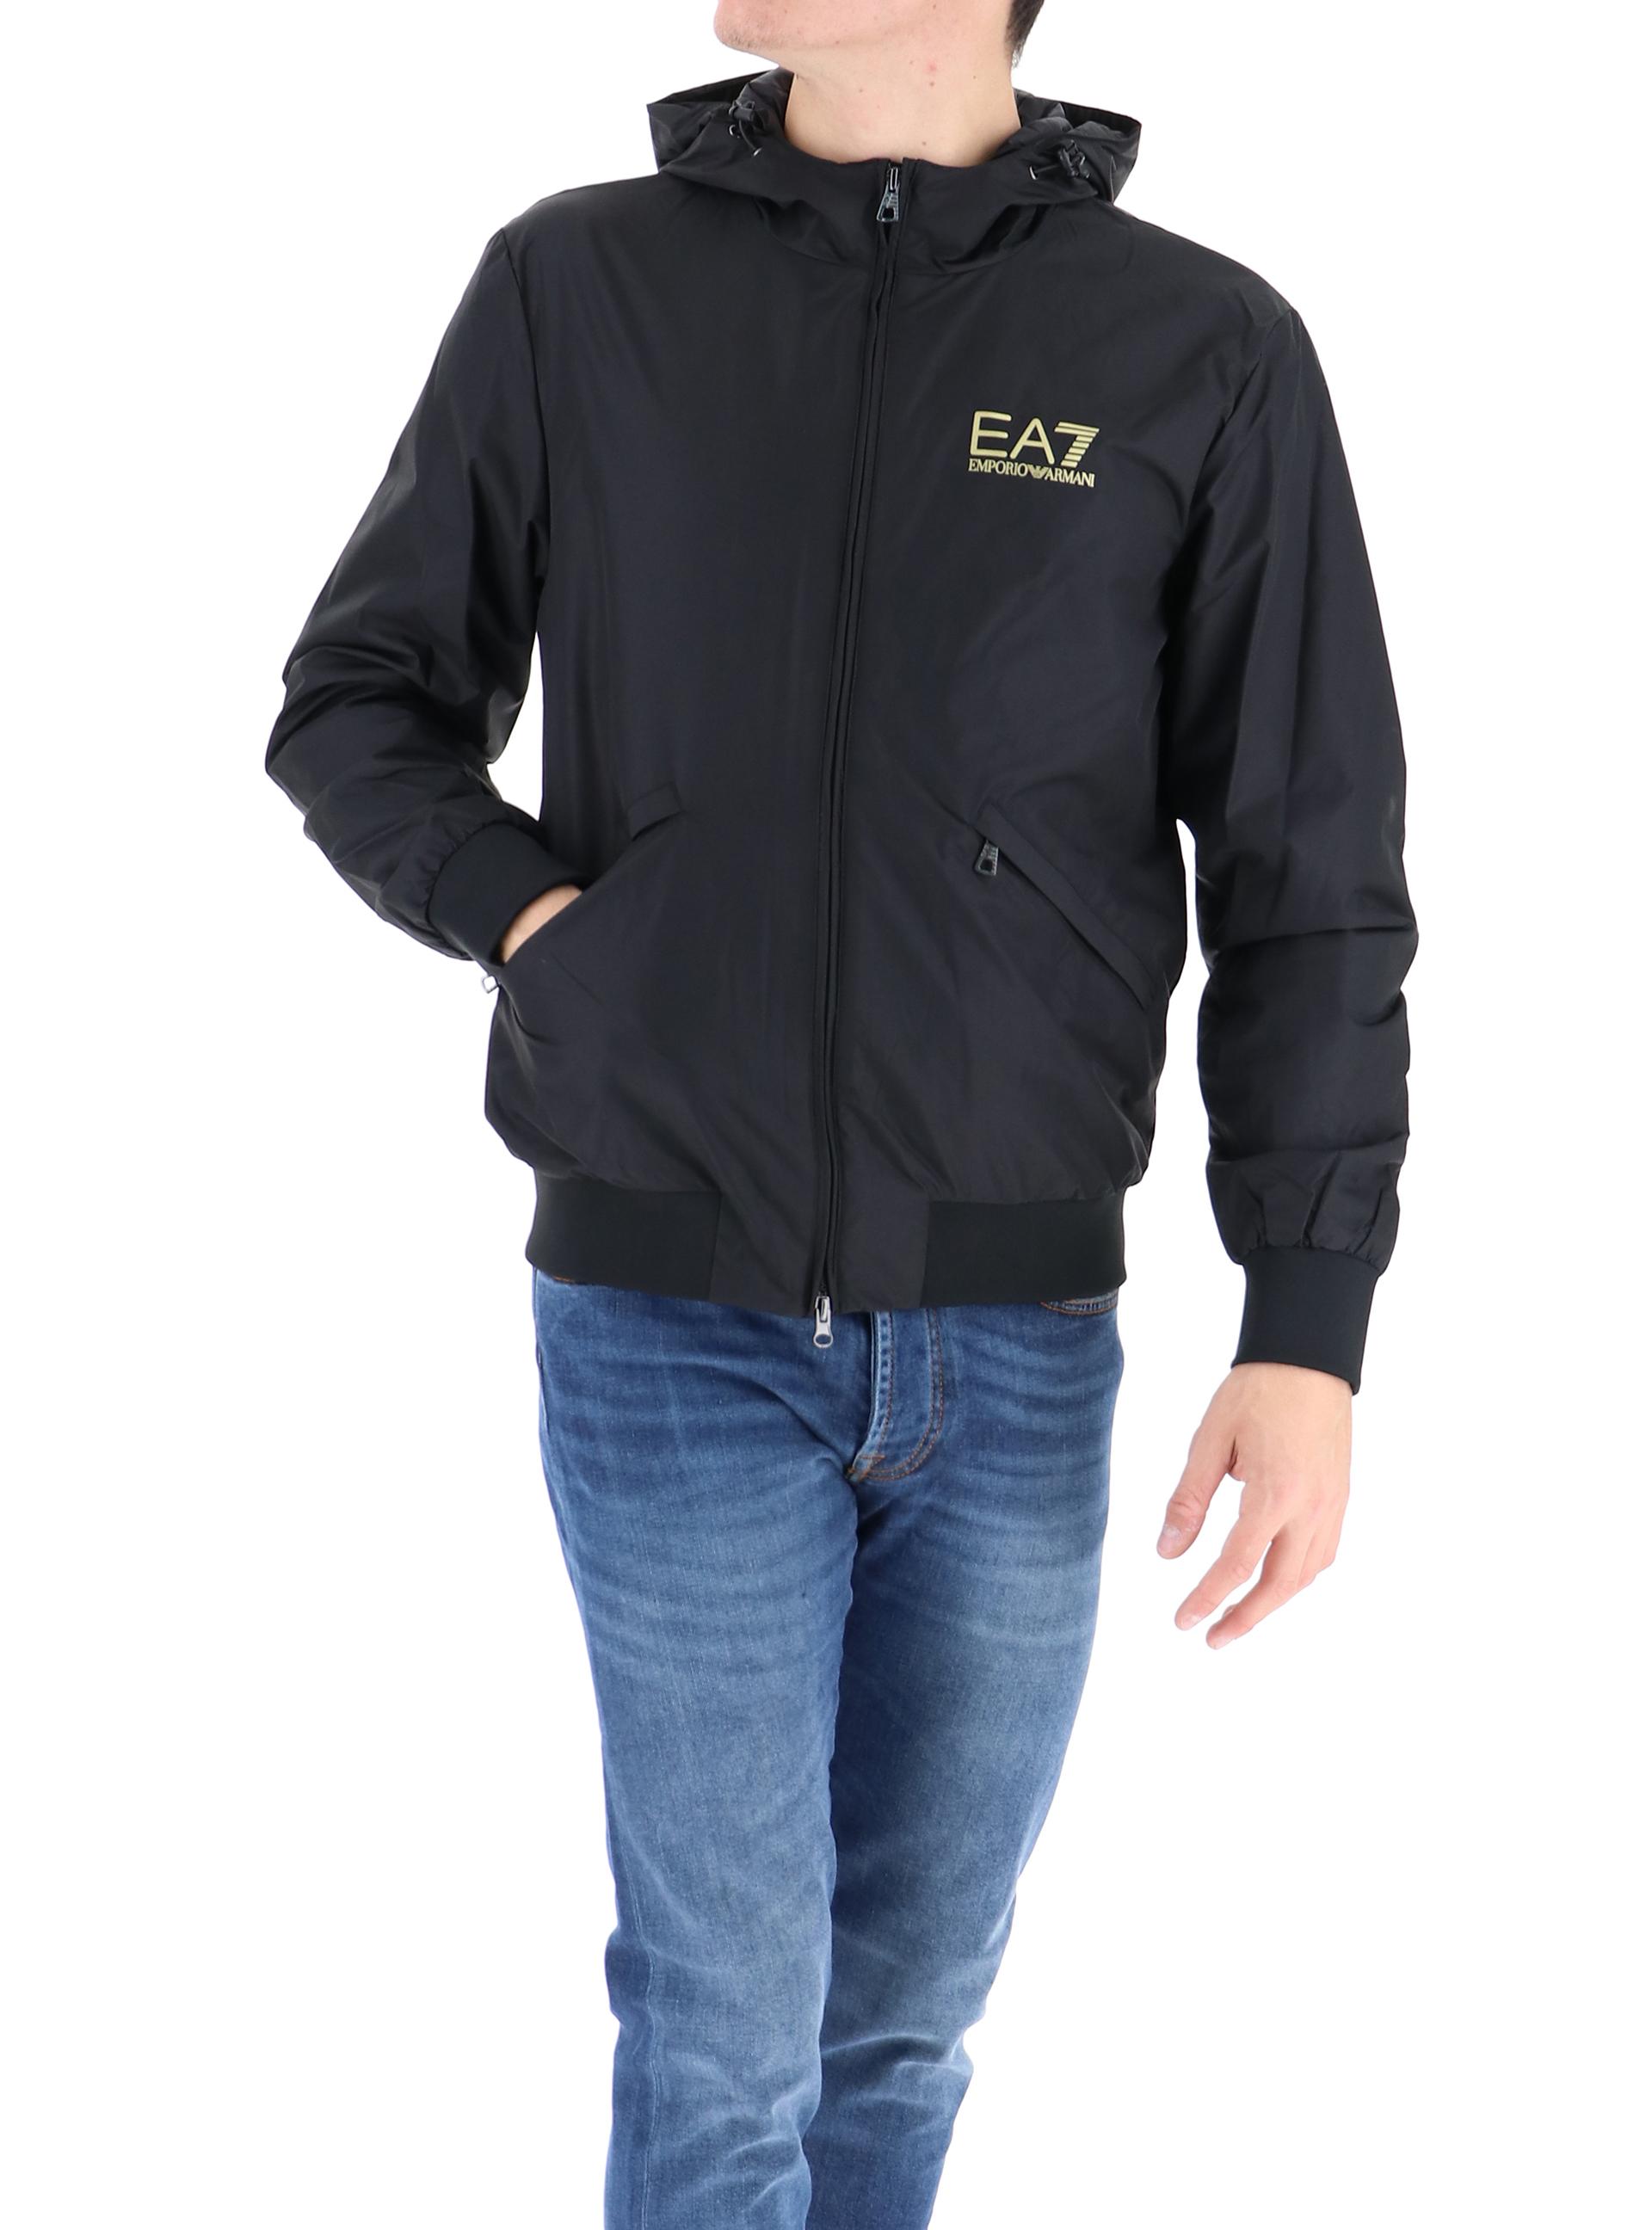 Emporio e giacche giubbini 20 6zpb35 nero Armani Ea7 uomo 7dqwPP 06aec717d52c